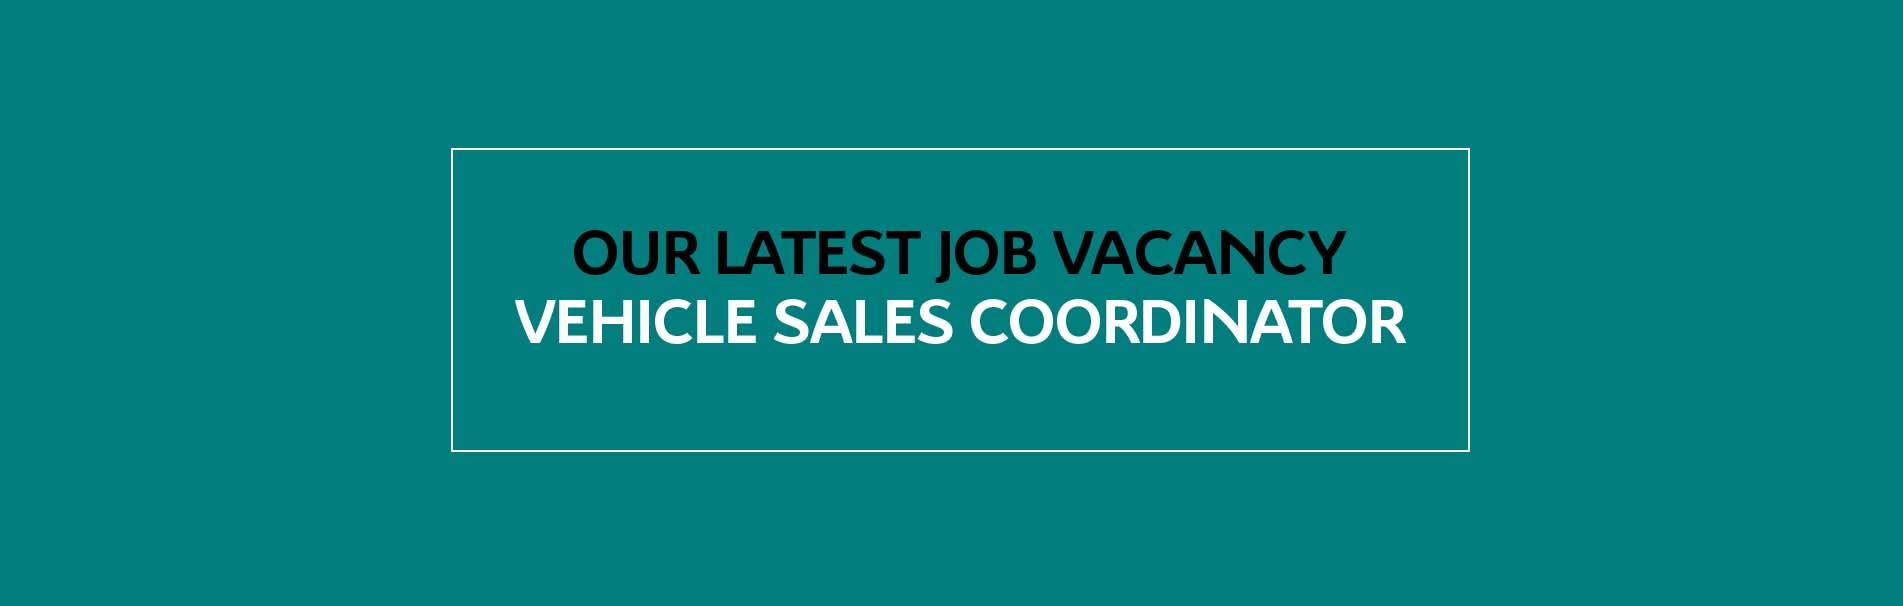 vehicle-coordinator-job-vacancy-aldershot-sli